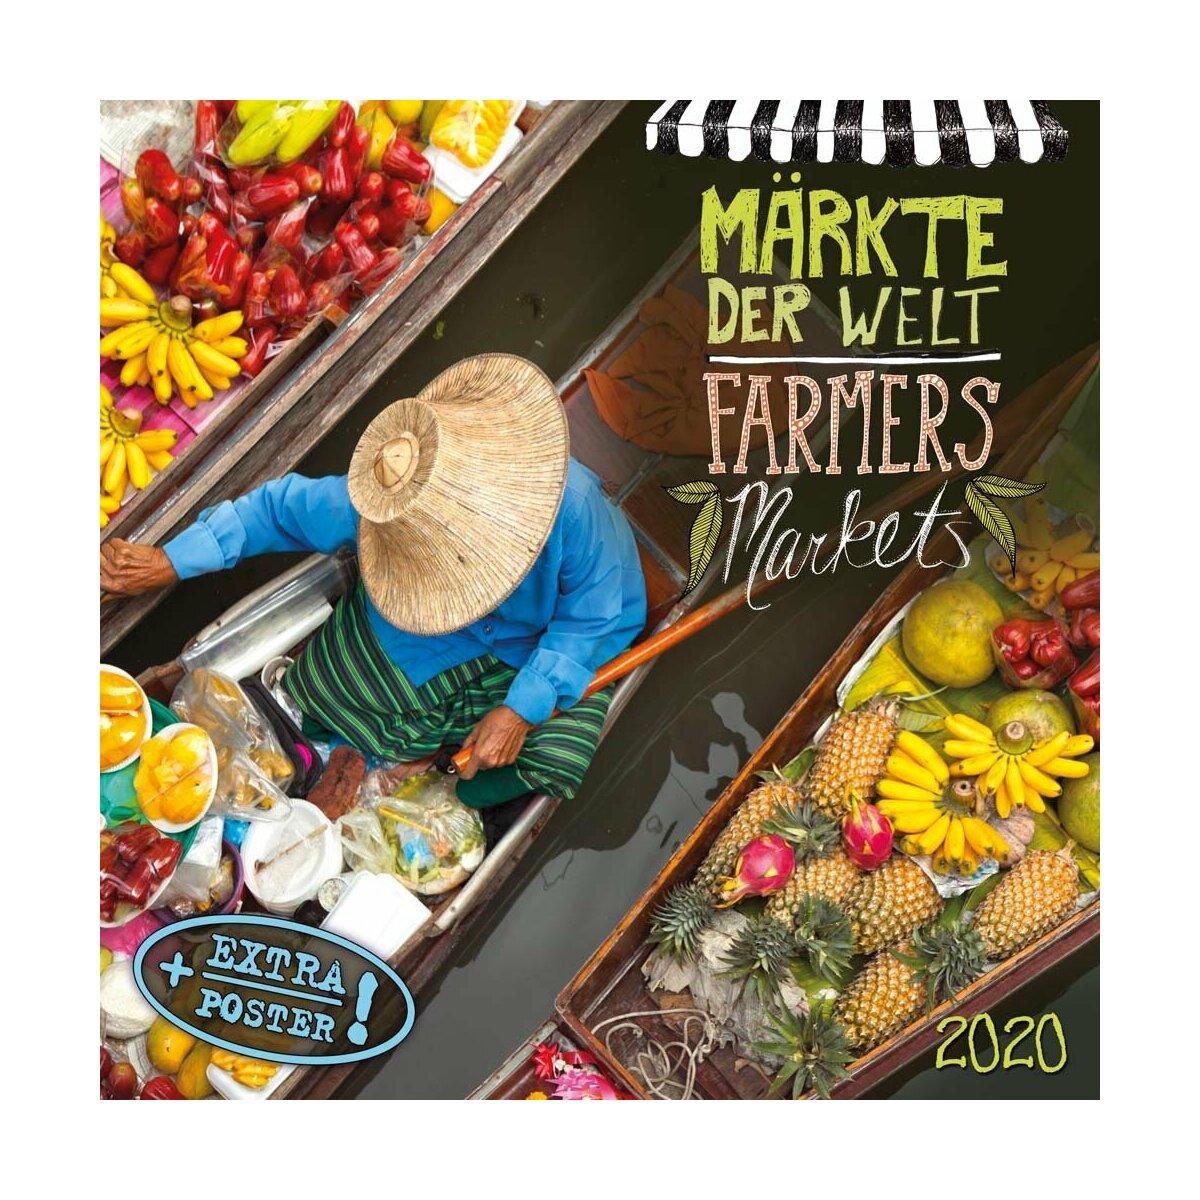 Calendrier 2020 Avec Photos.Calendrier 2020 Gastronomie Et Marche Du Monde Avec Poster Offert